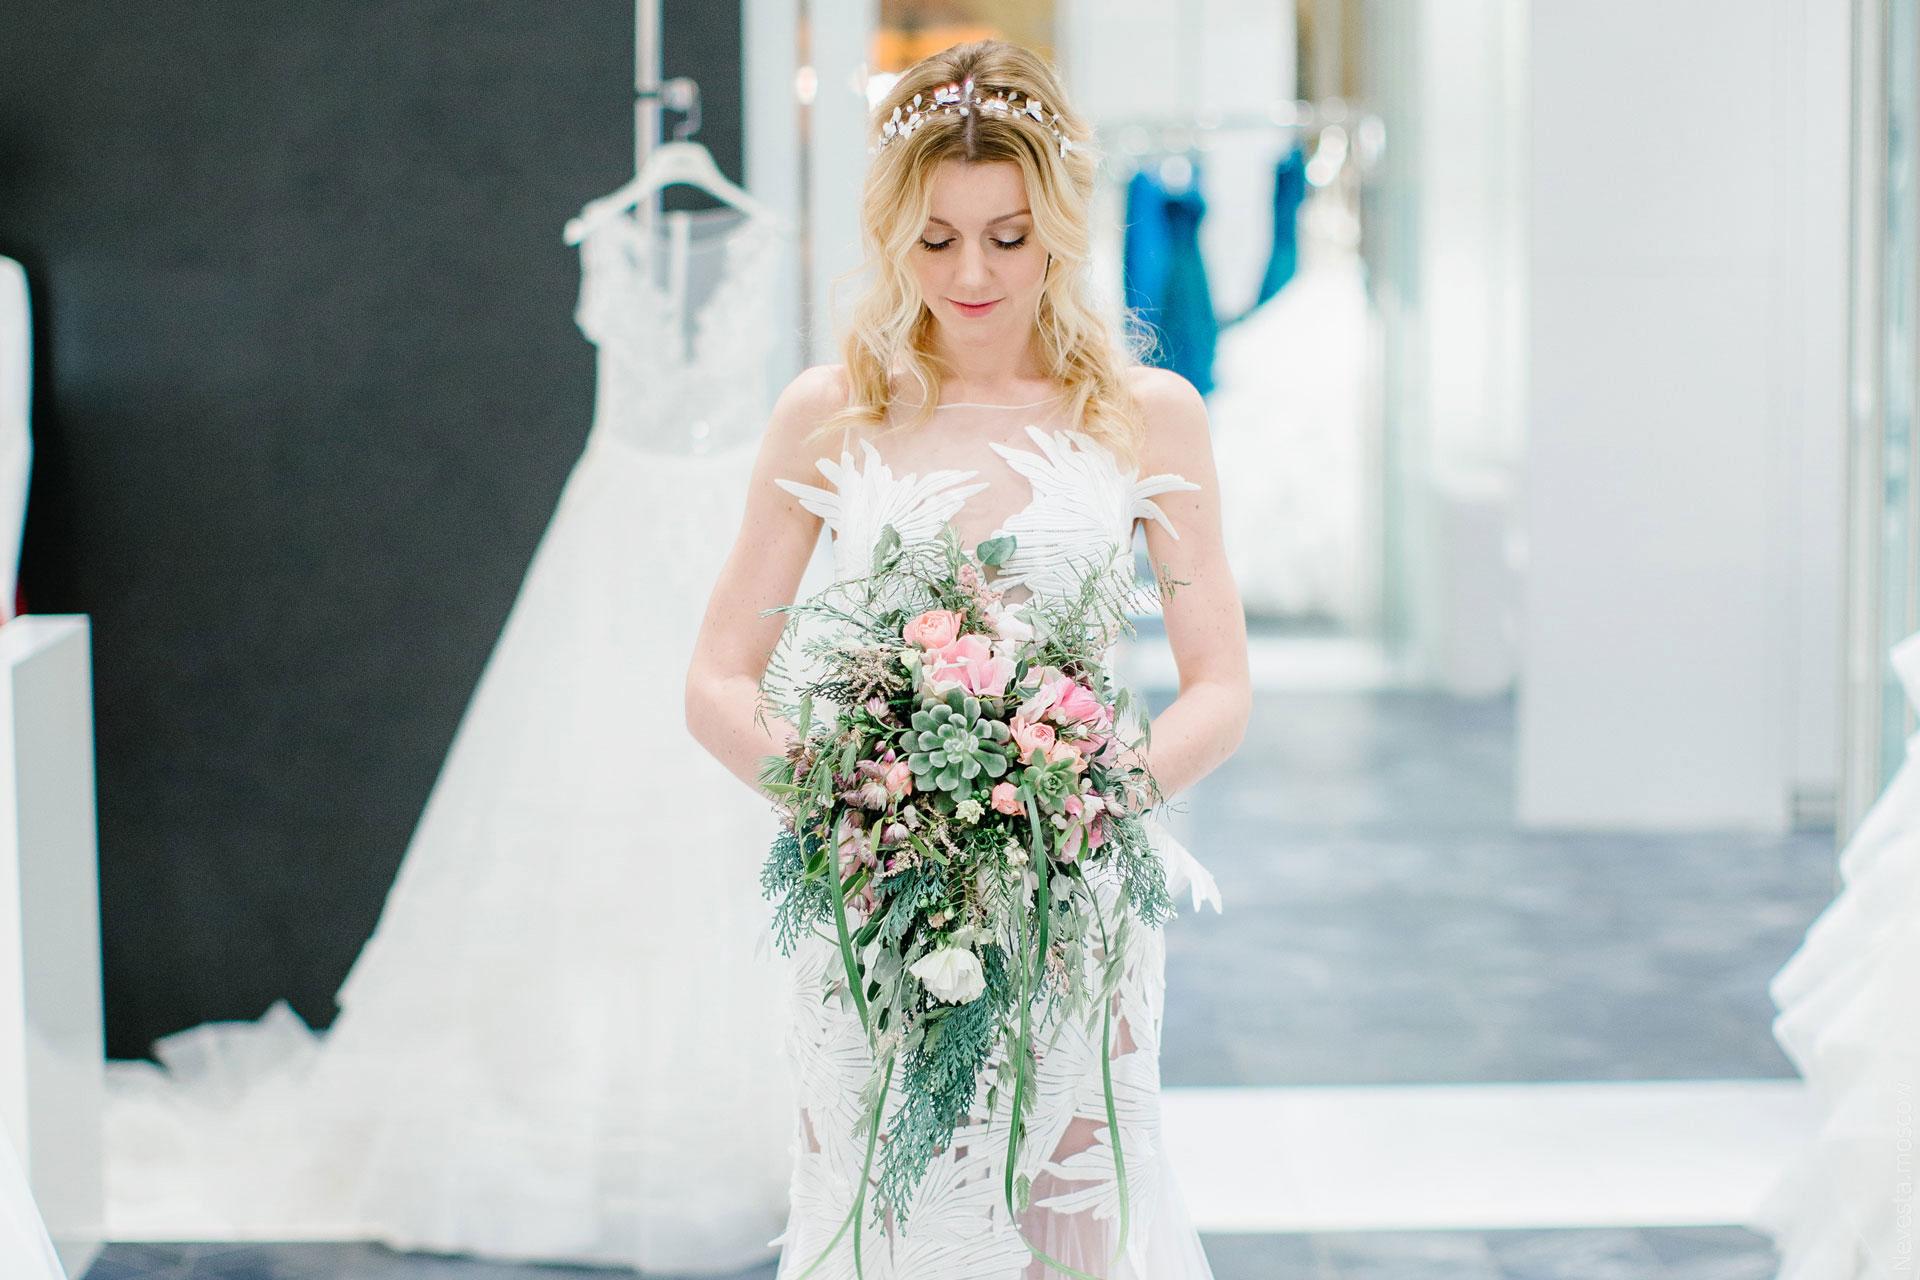 Юлианна Караулова примеряет образ для весенней свадьбы фото 12